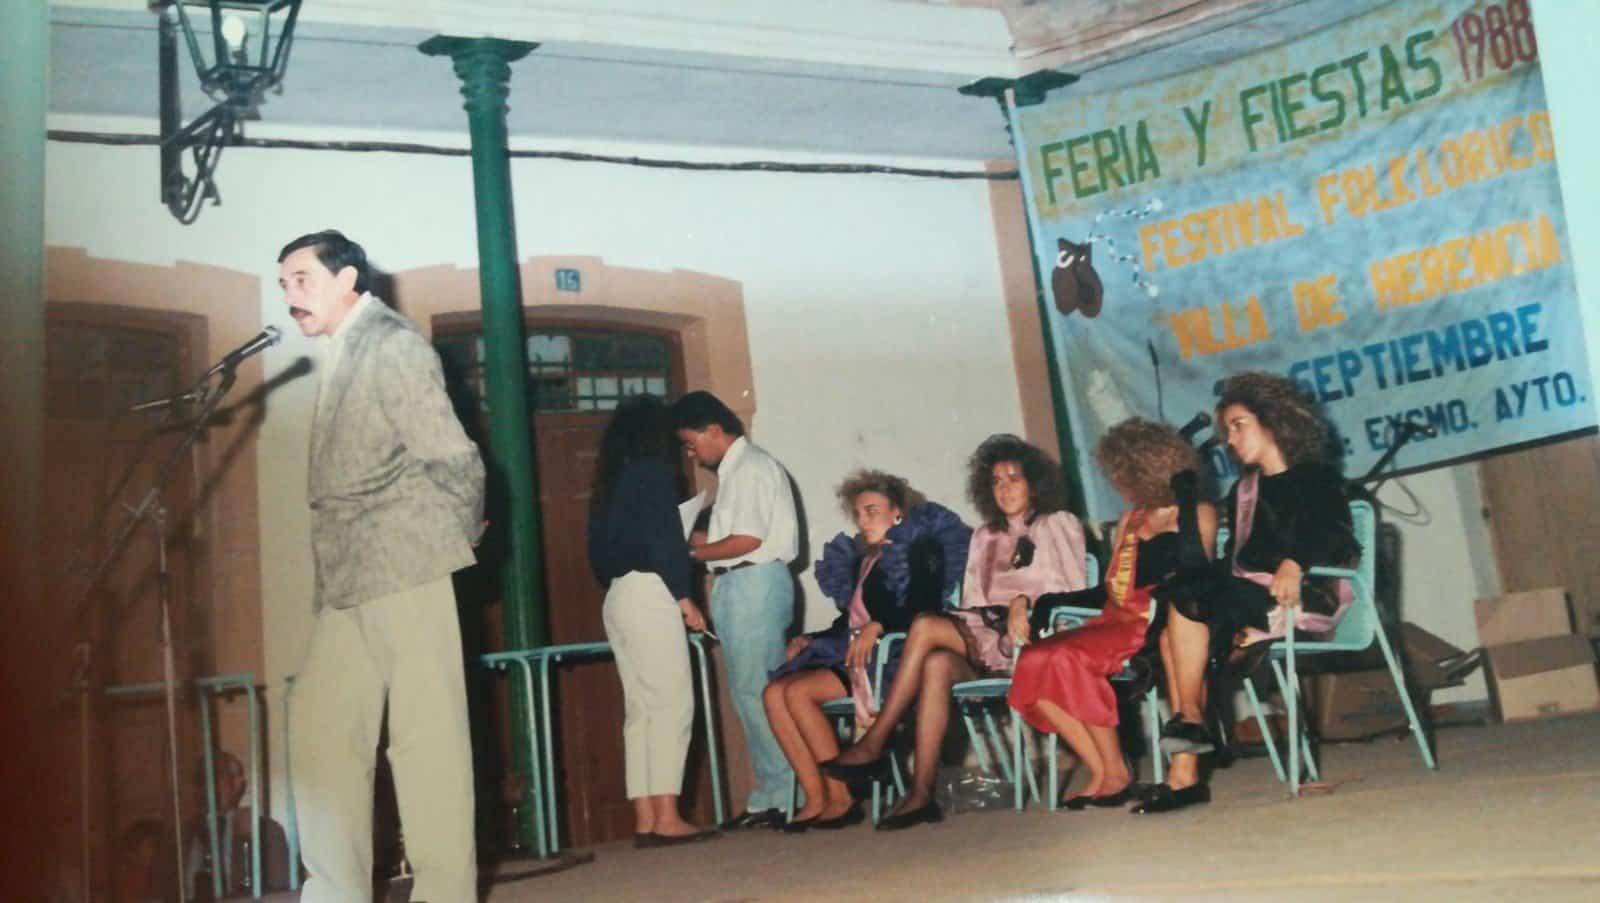 feria 1 - Hace 30 años: Otra feria para el recuerdo